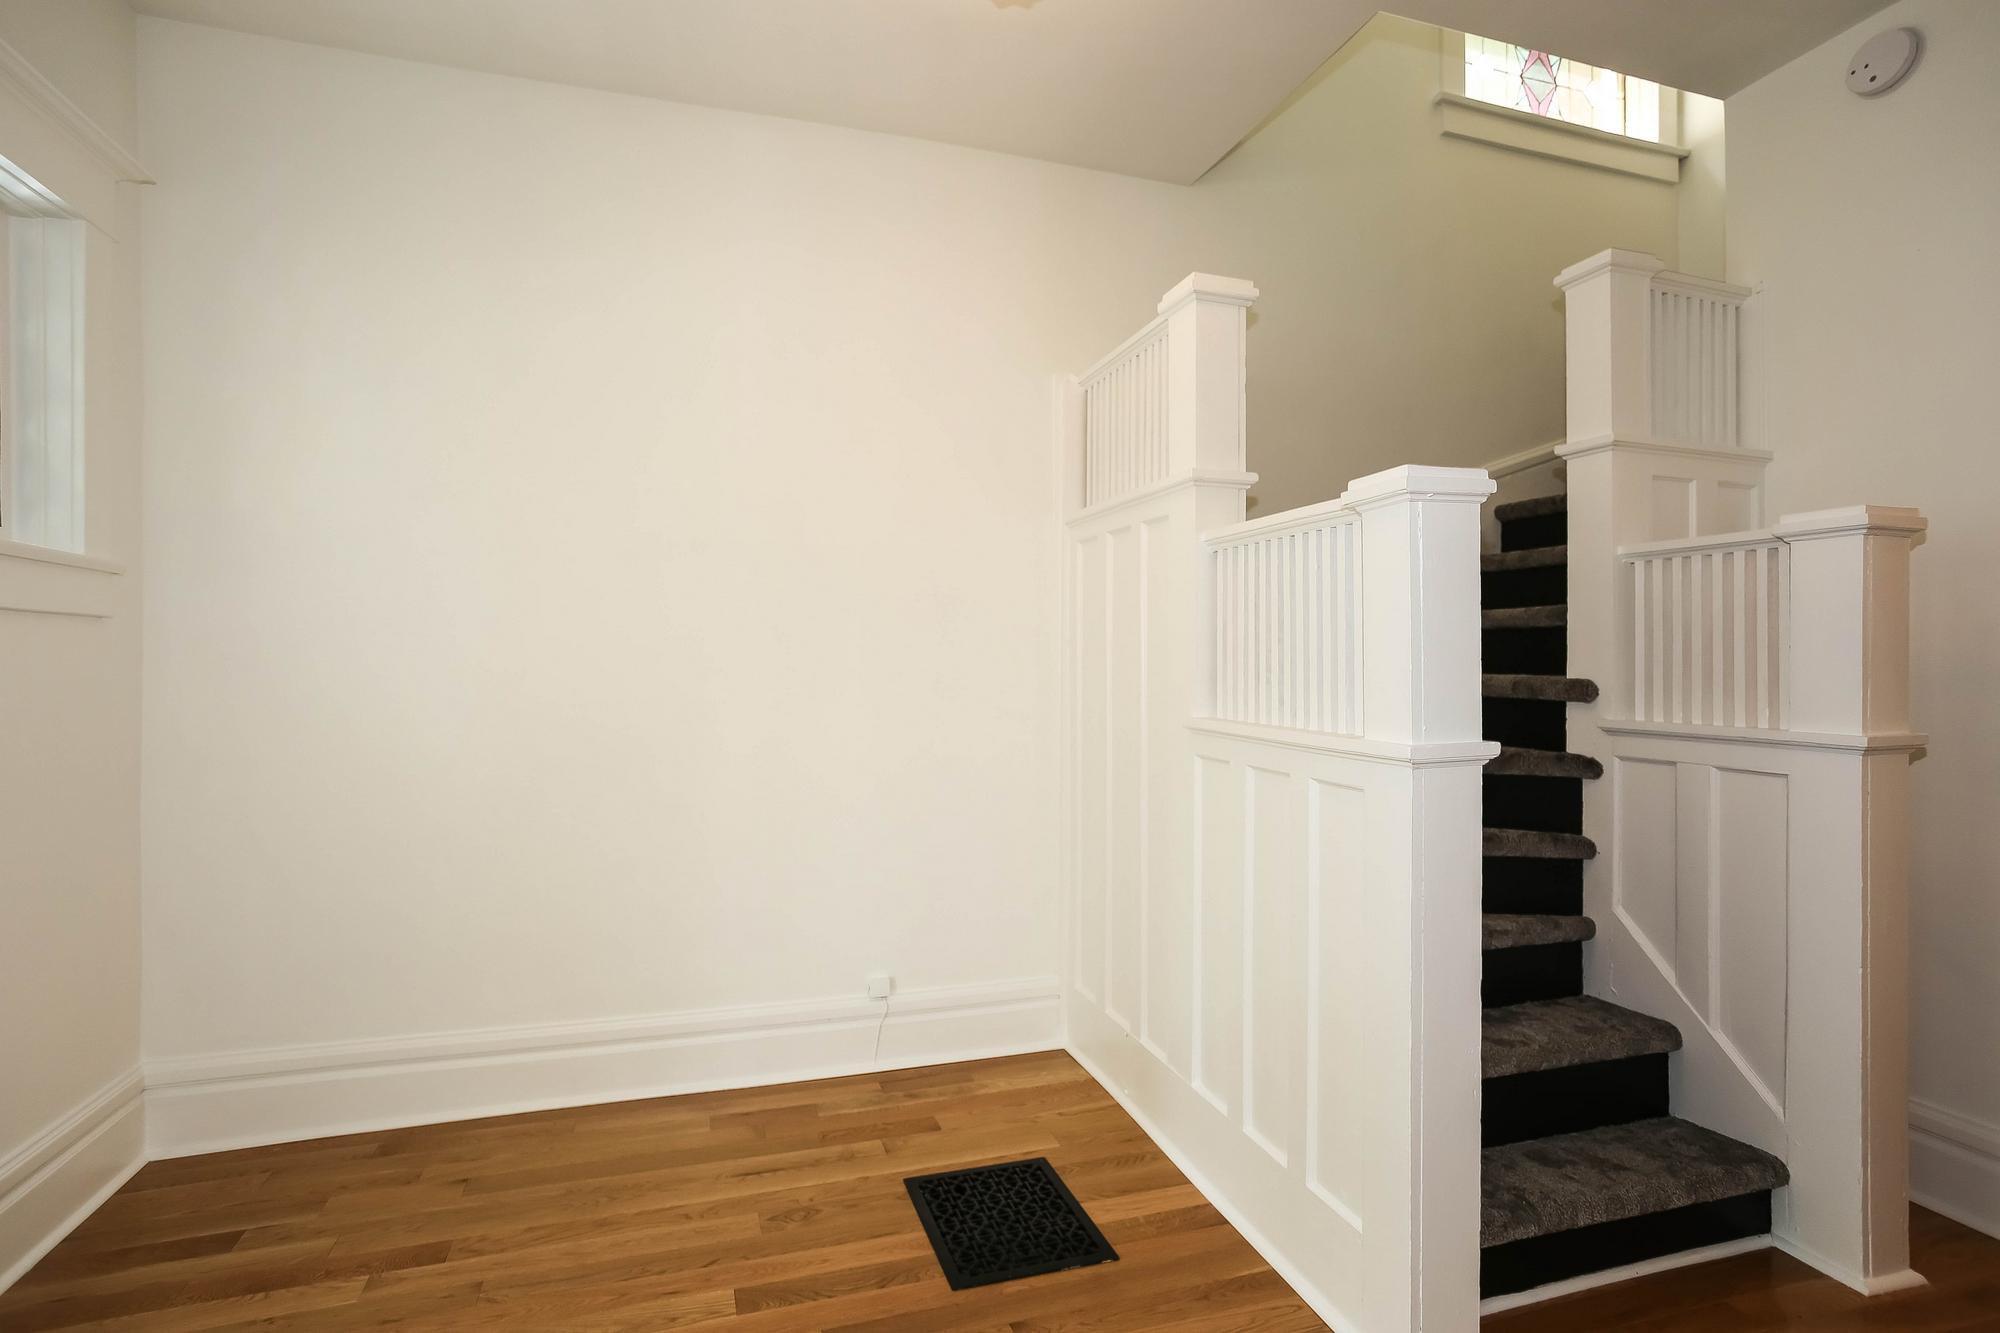 Photo 6: Photos: 108 LENORE Street in Winnipeg: Wolseley Single Family Detached for sale (5B)  : MLS®# 202013079